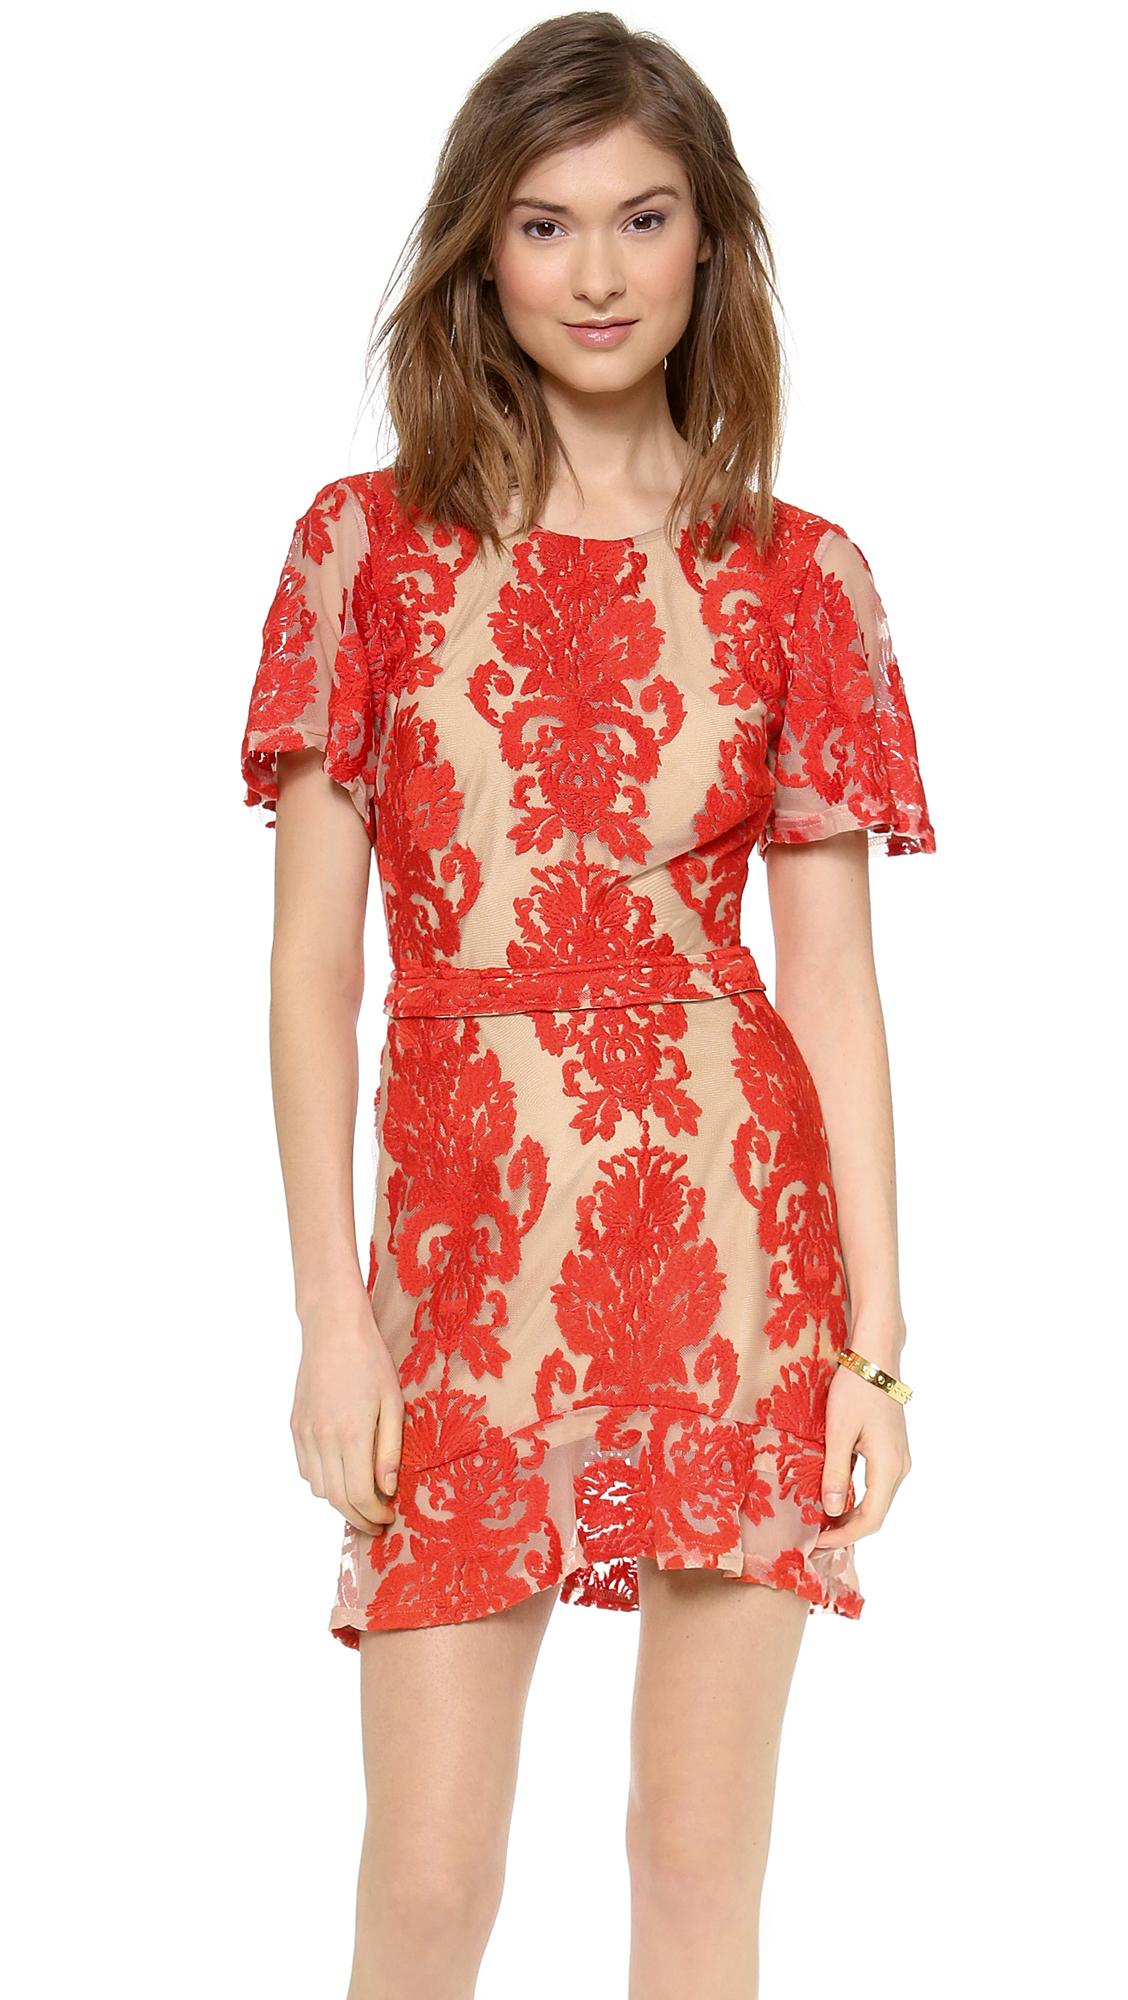 For Love & Lemons San Marcos Mini Dress - Red